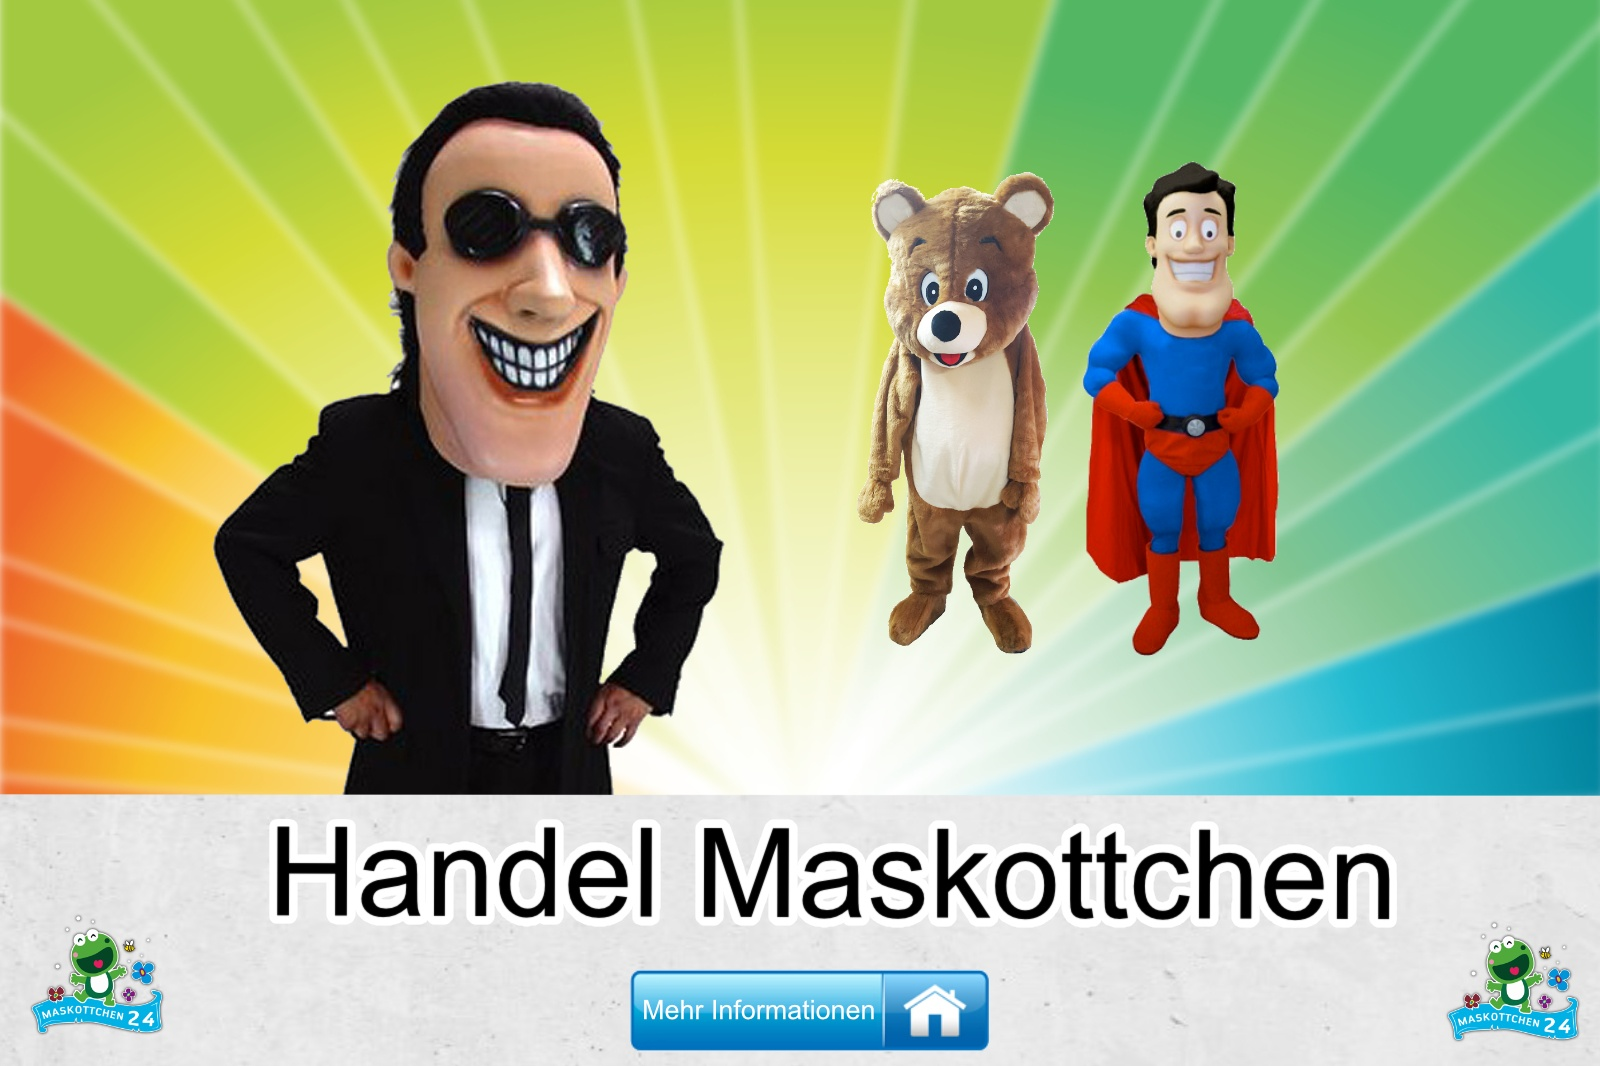 Handel Maskottchen Kostüm kaufen